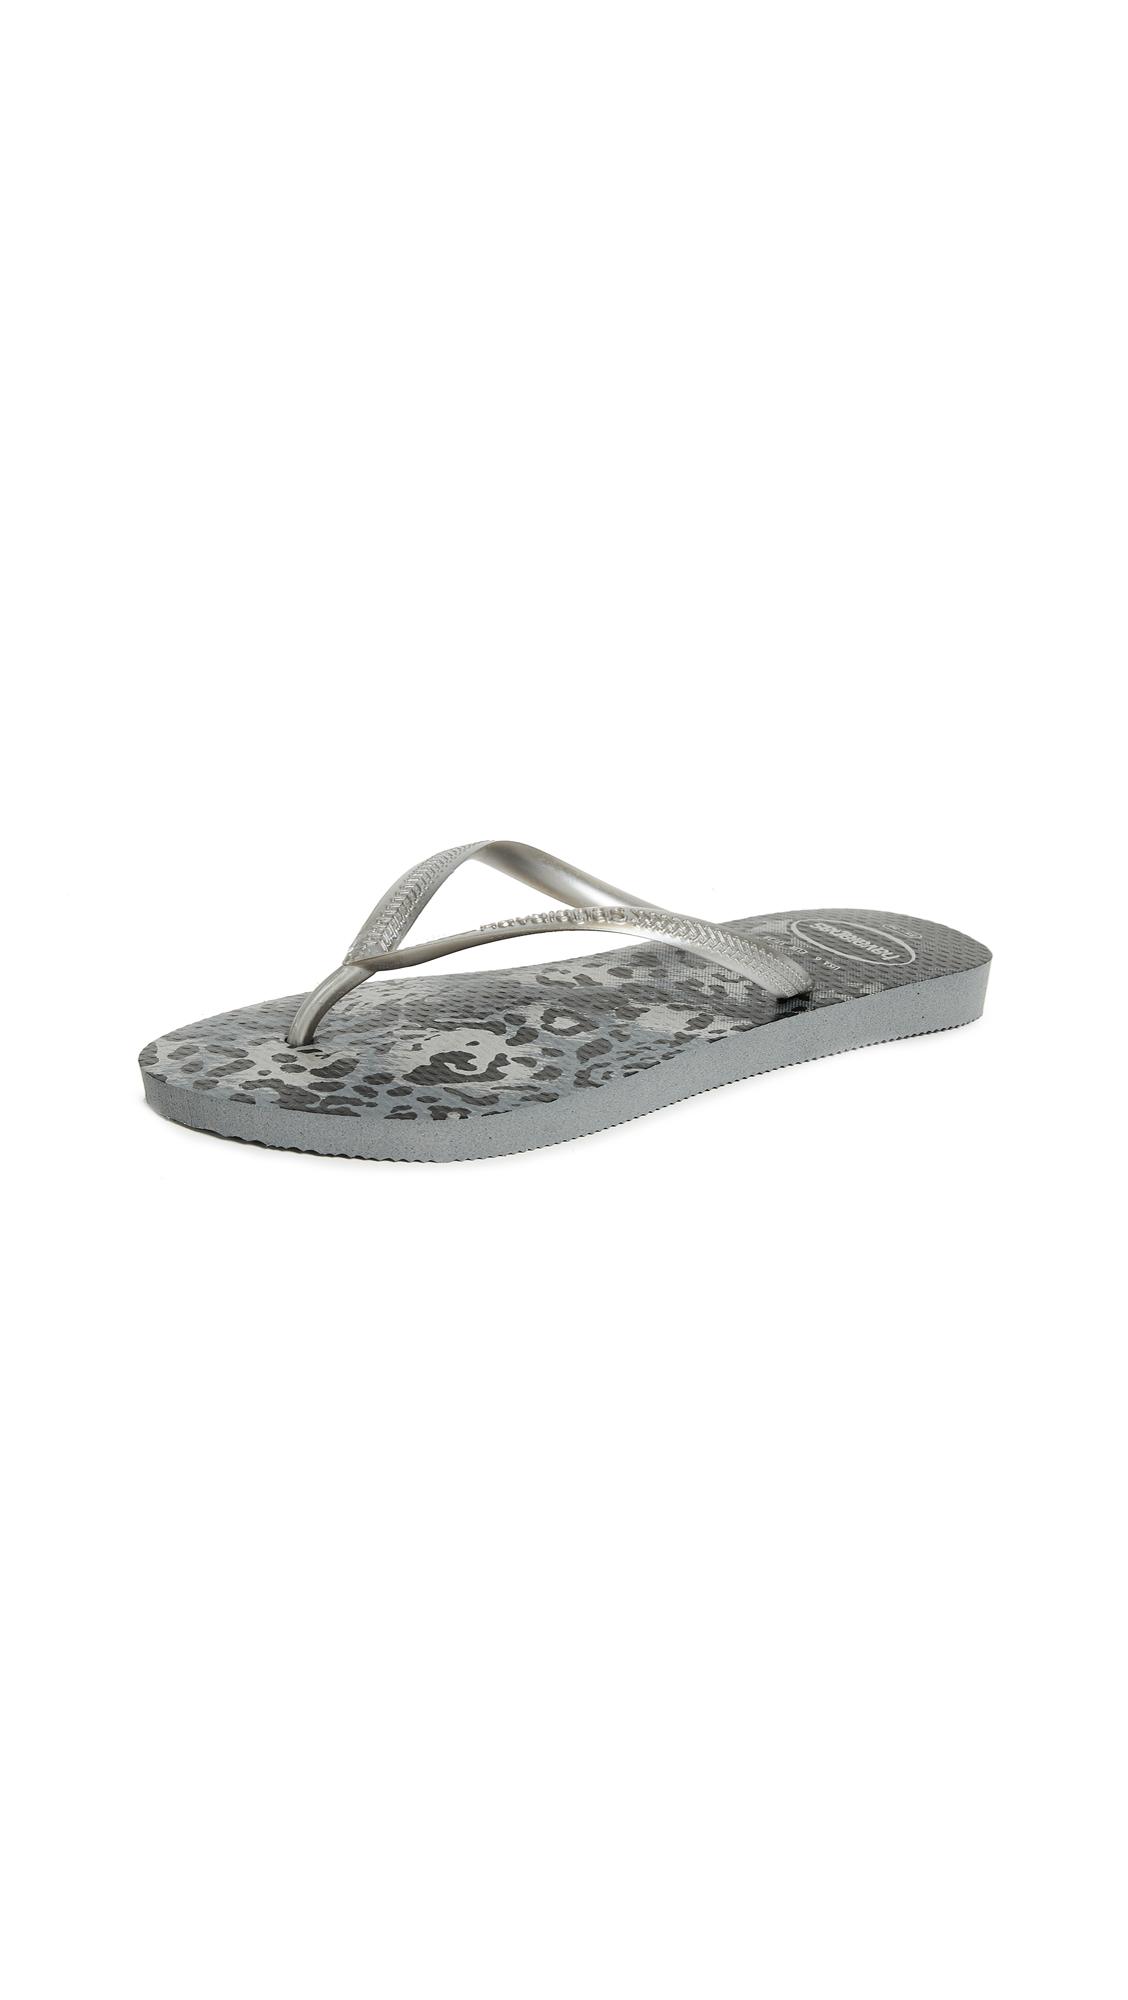 Havaianas Slim Animal Flip Flops - Grey/Silver